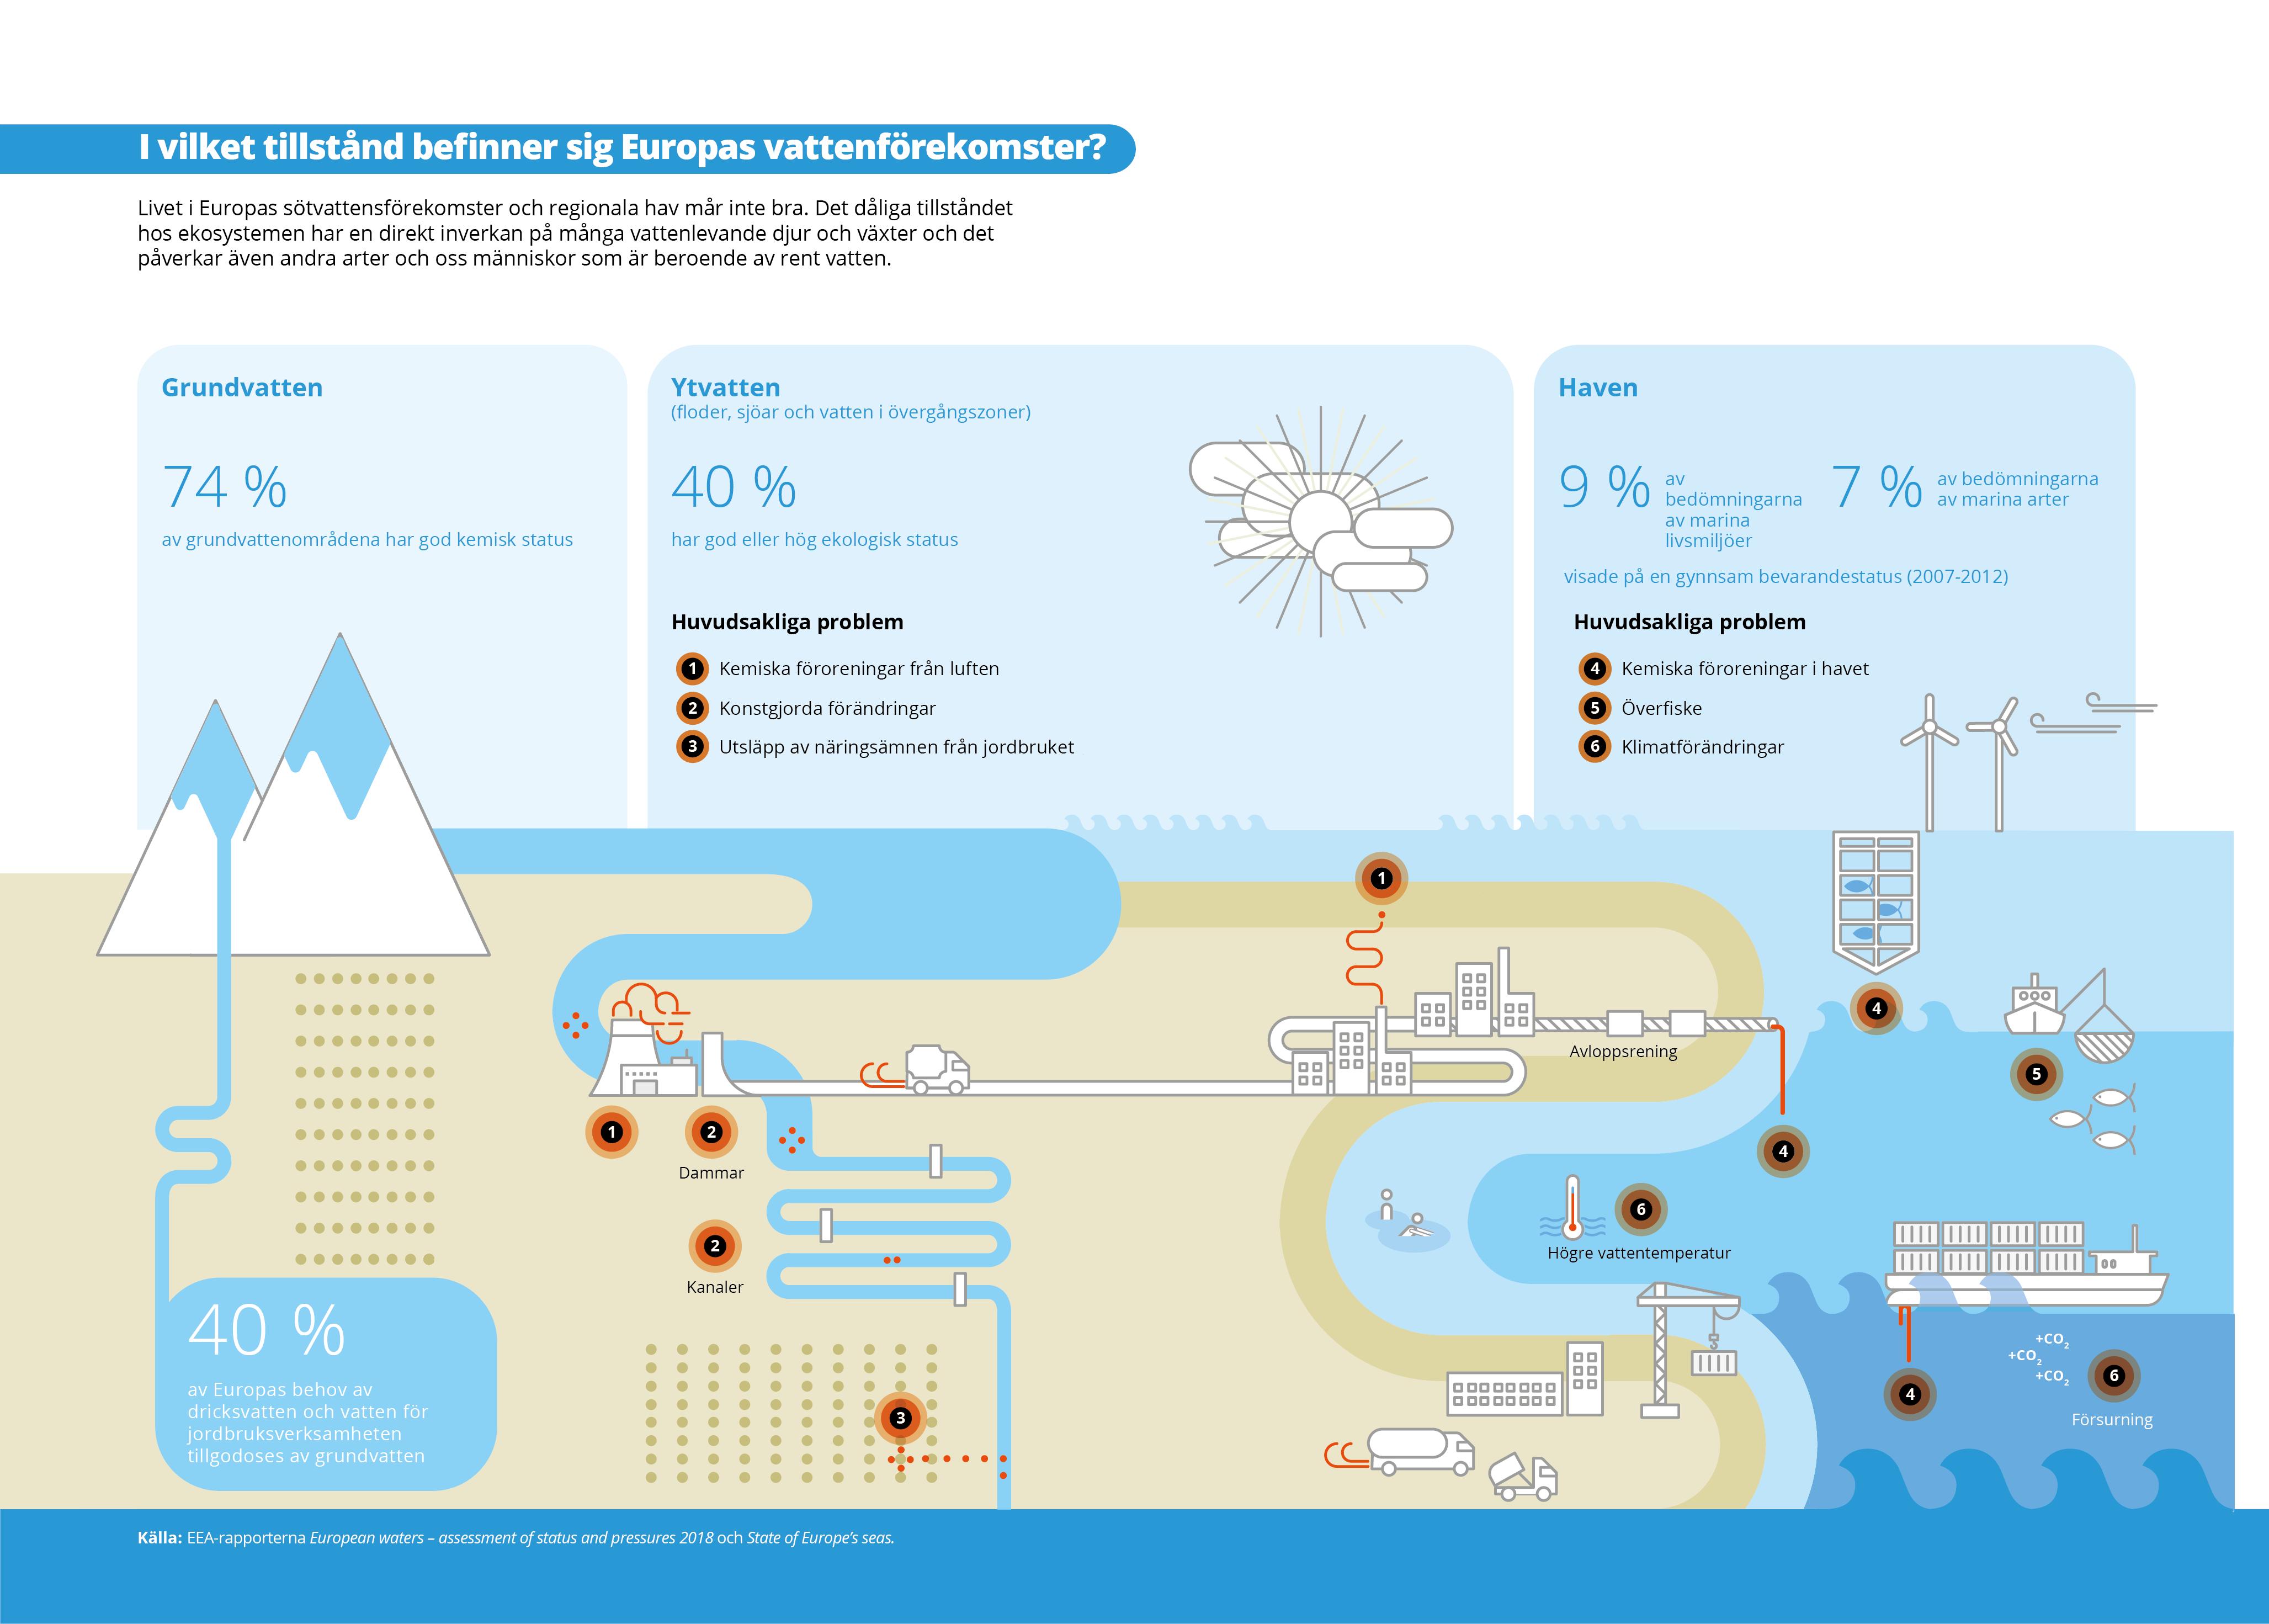 I vilket tillstånd befinner sig Europas vattenförekomster?